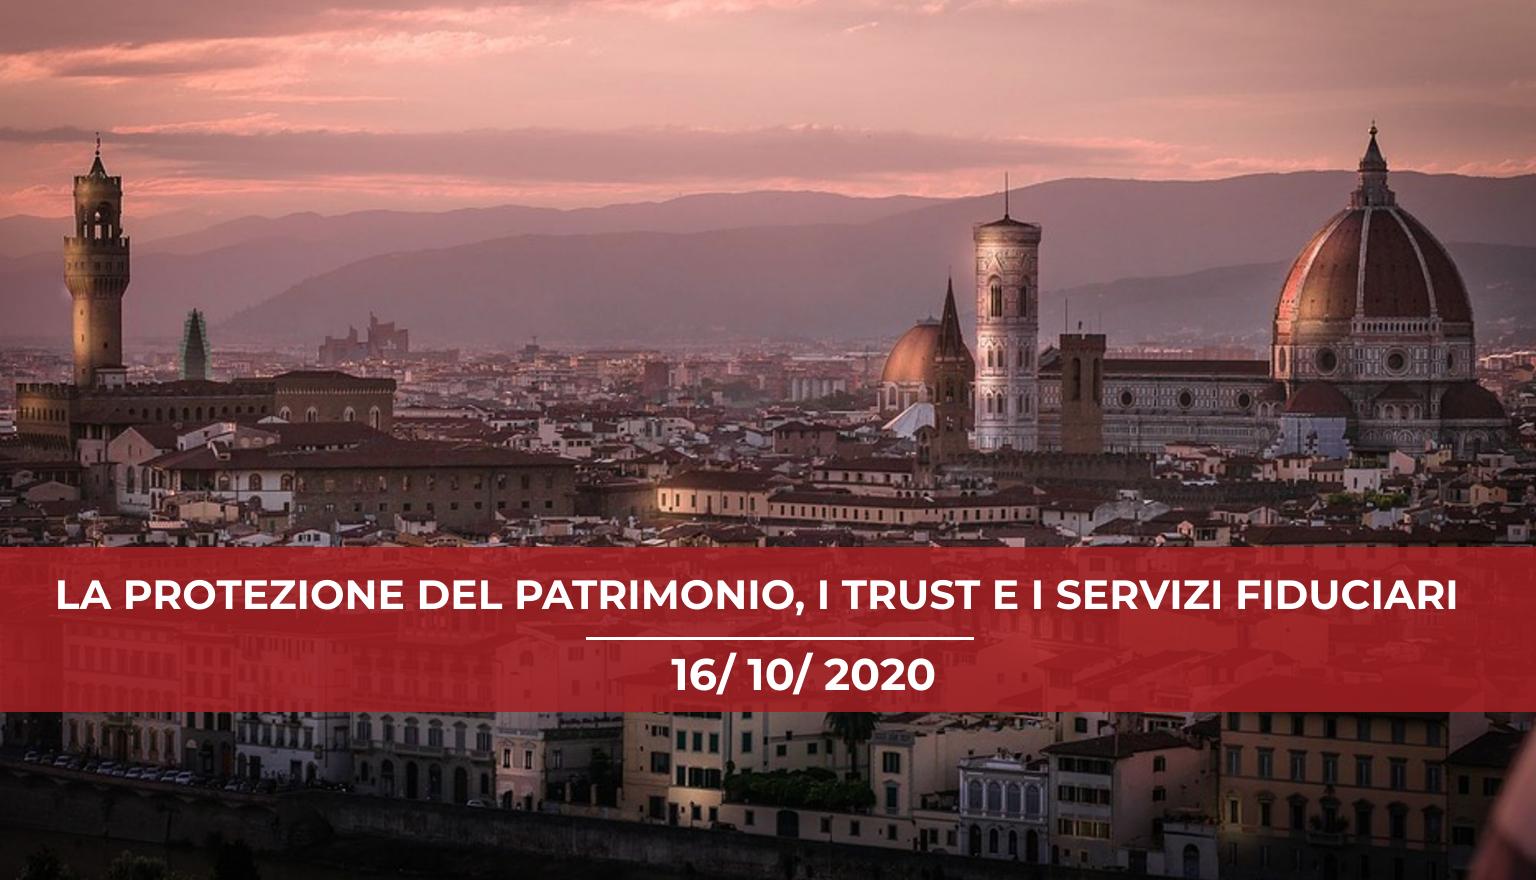 convegno-firenze-2020-la-protezione-del-patrimonio-il-trust-e-i-servizi-fiduciari